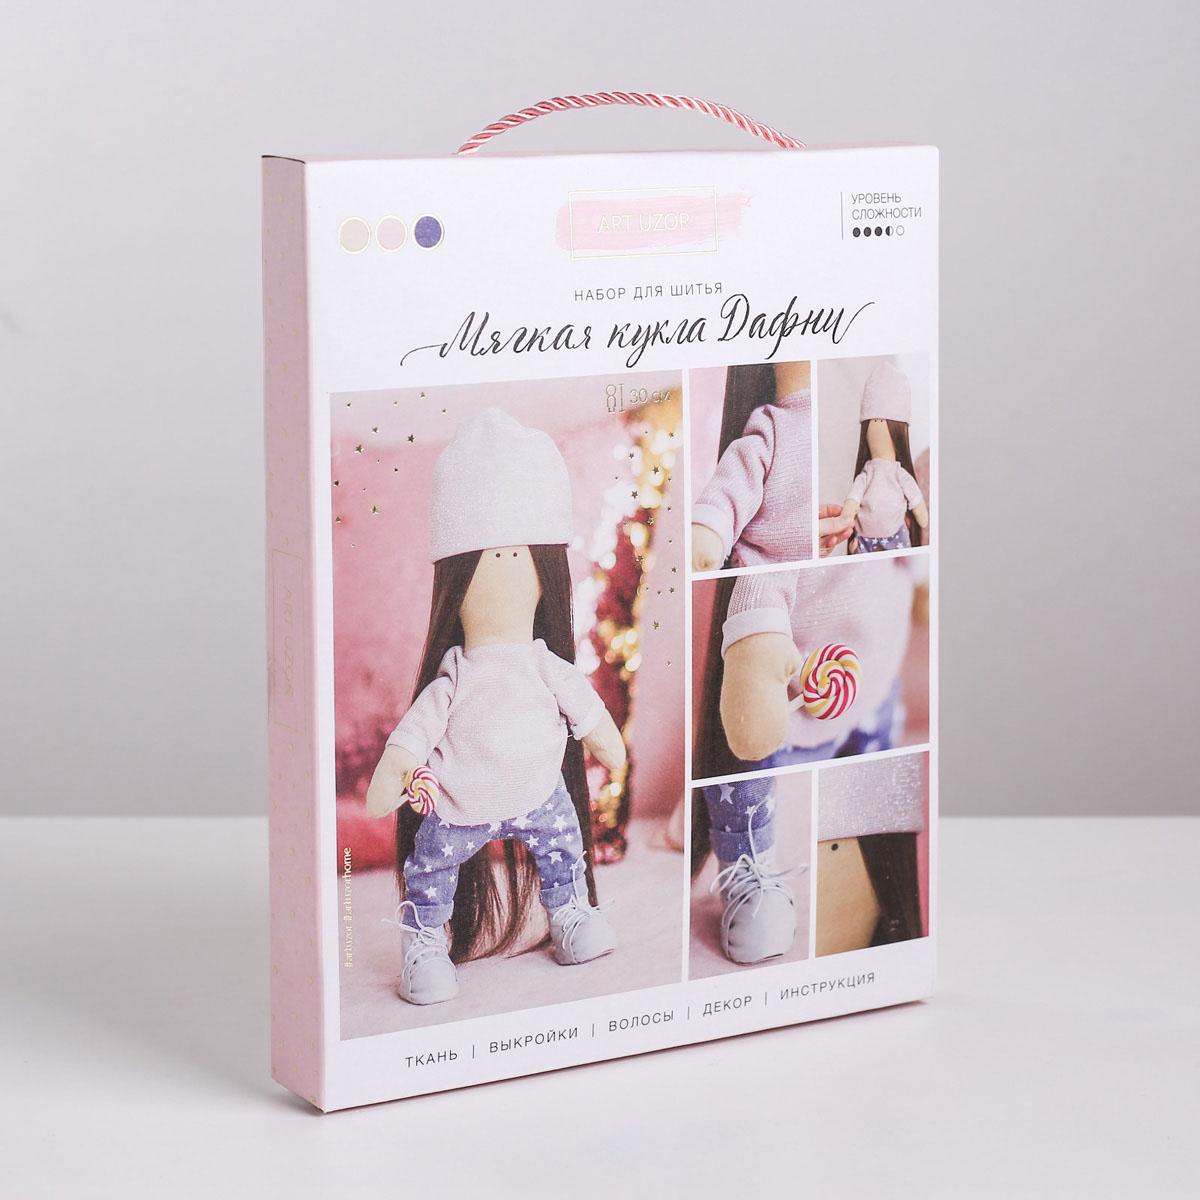 3548665 Интерьерная кукла 'Дафни', набор для шитья, 18 *22,5 *2,5 см